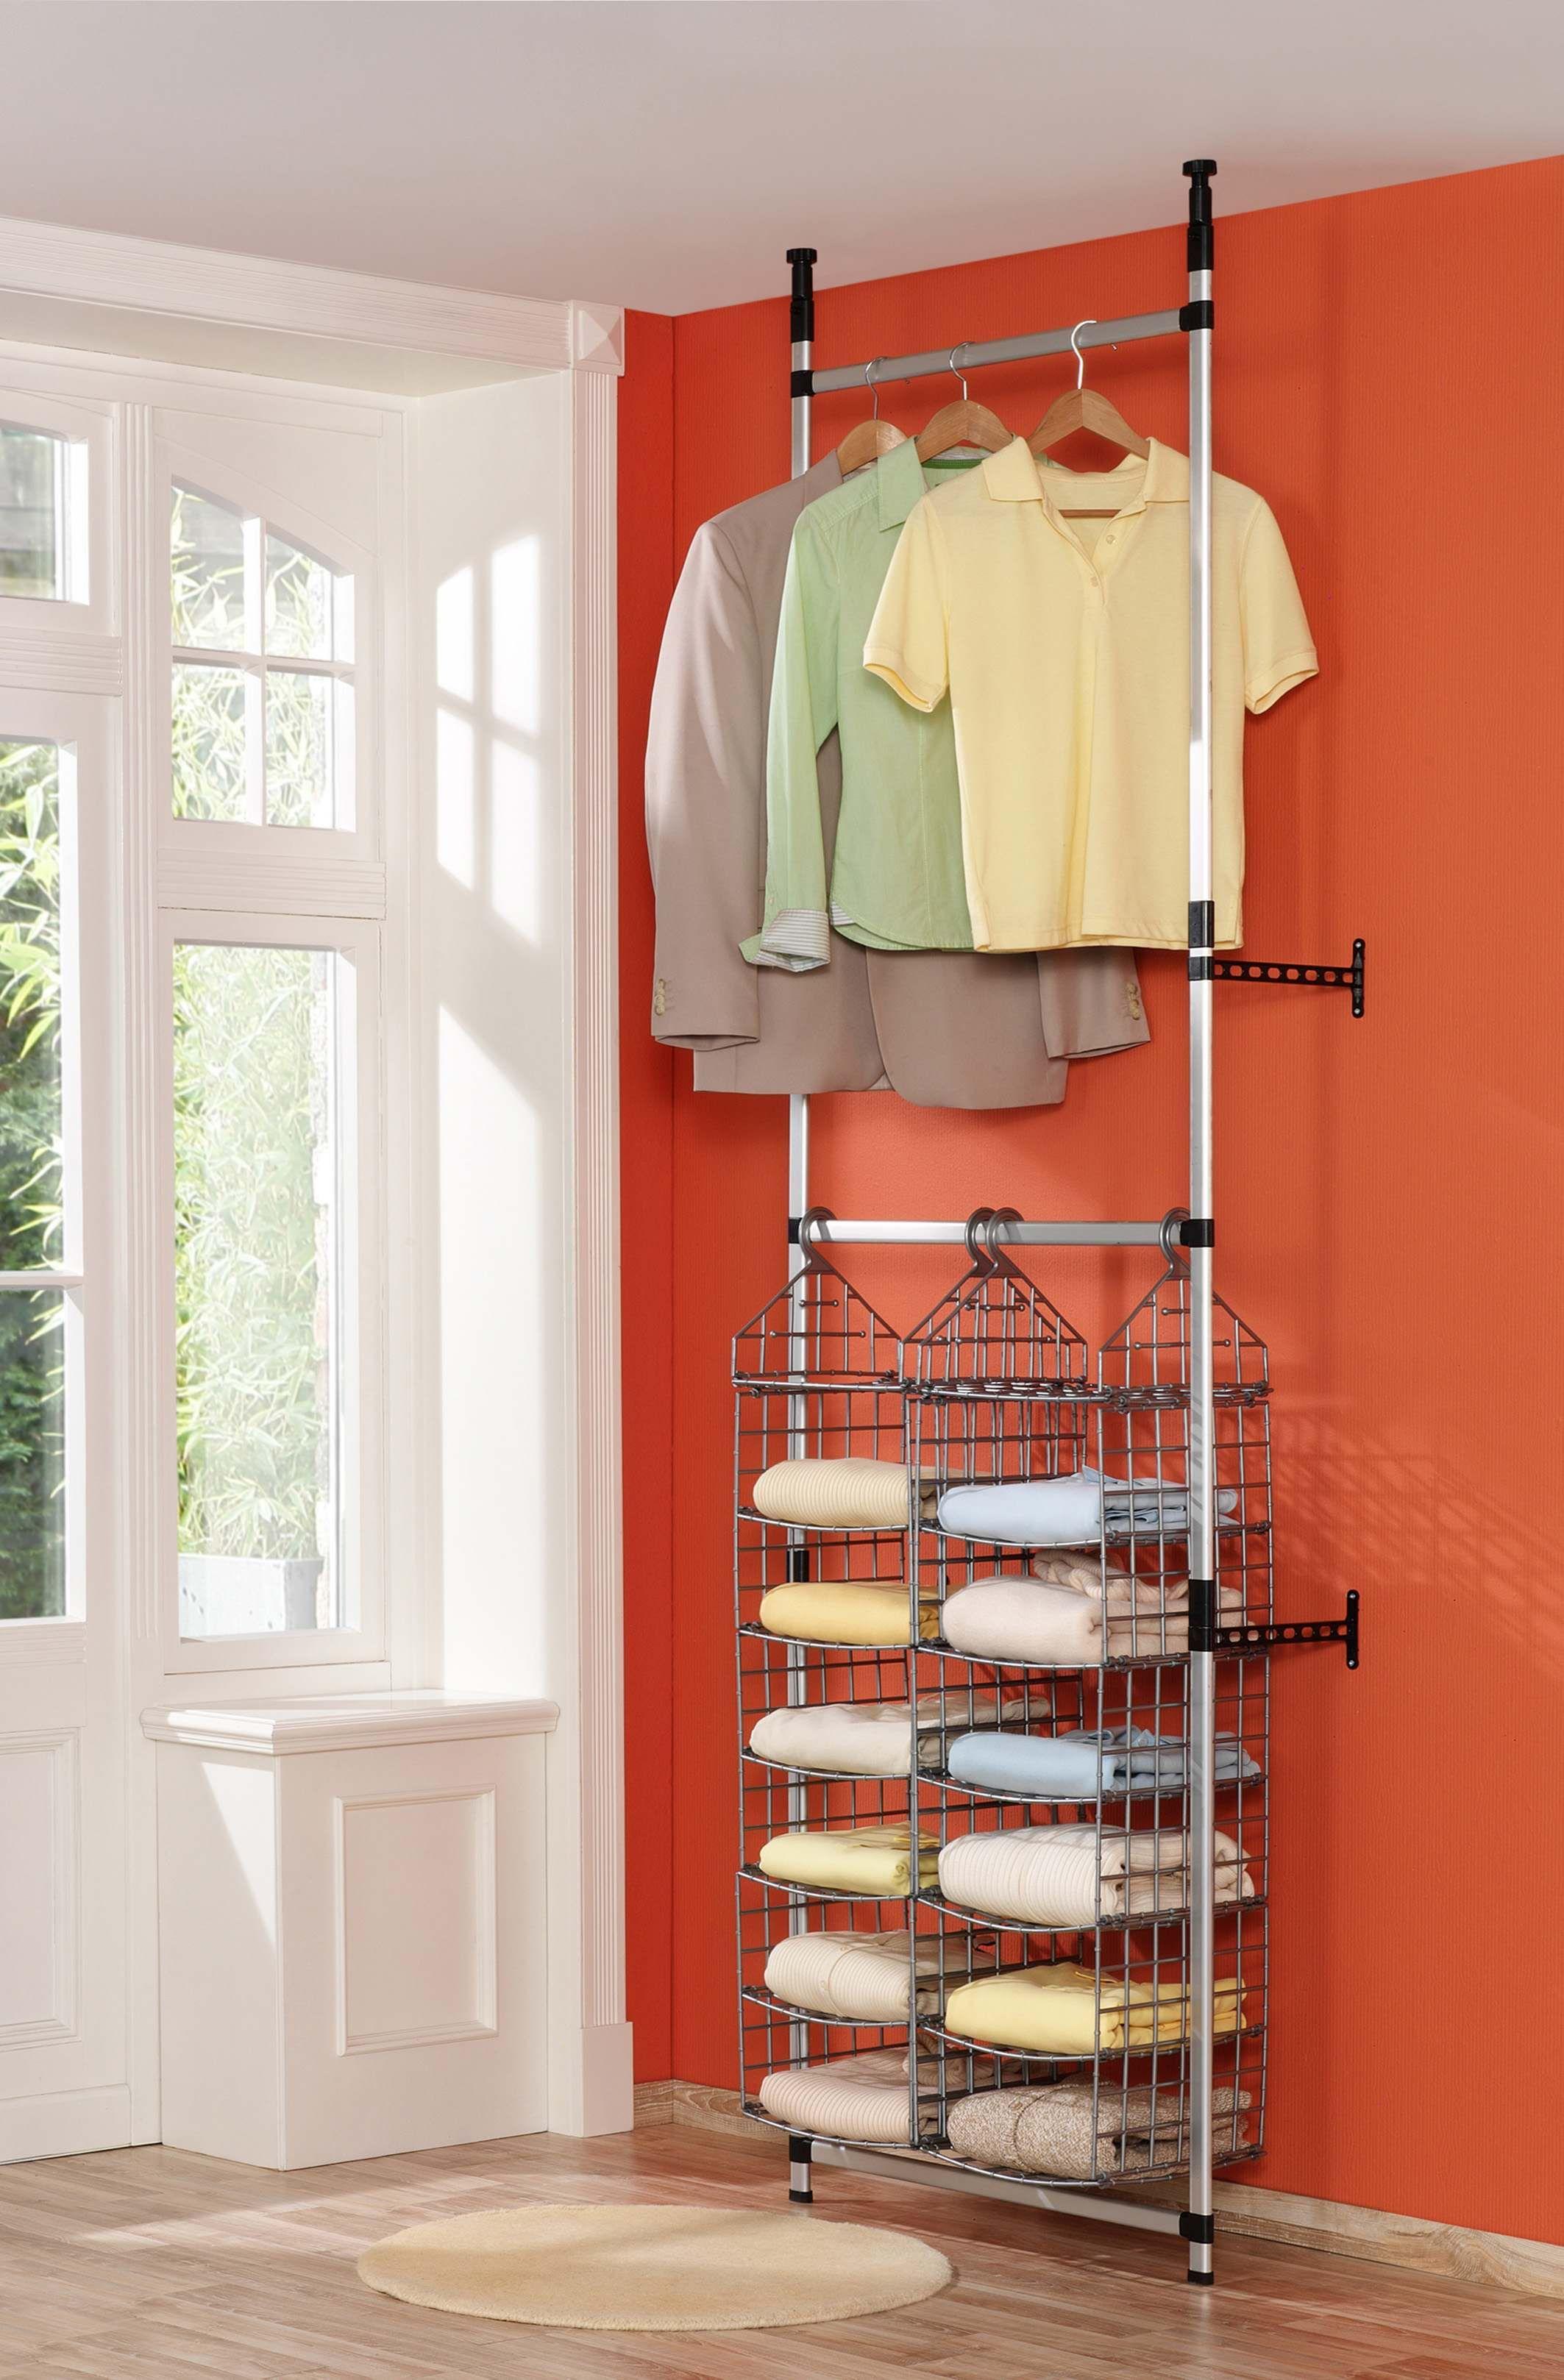 closet space savers on space saver wardrobe storage organize closet space closet space savers wardrobe storage space saver wardrobe storage organize